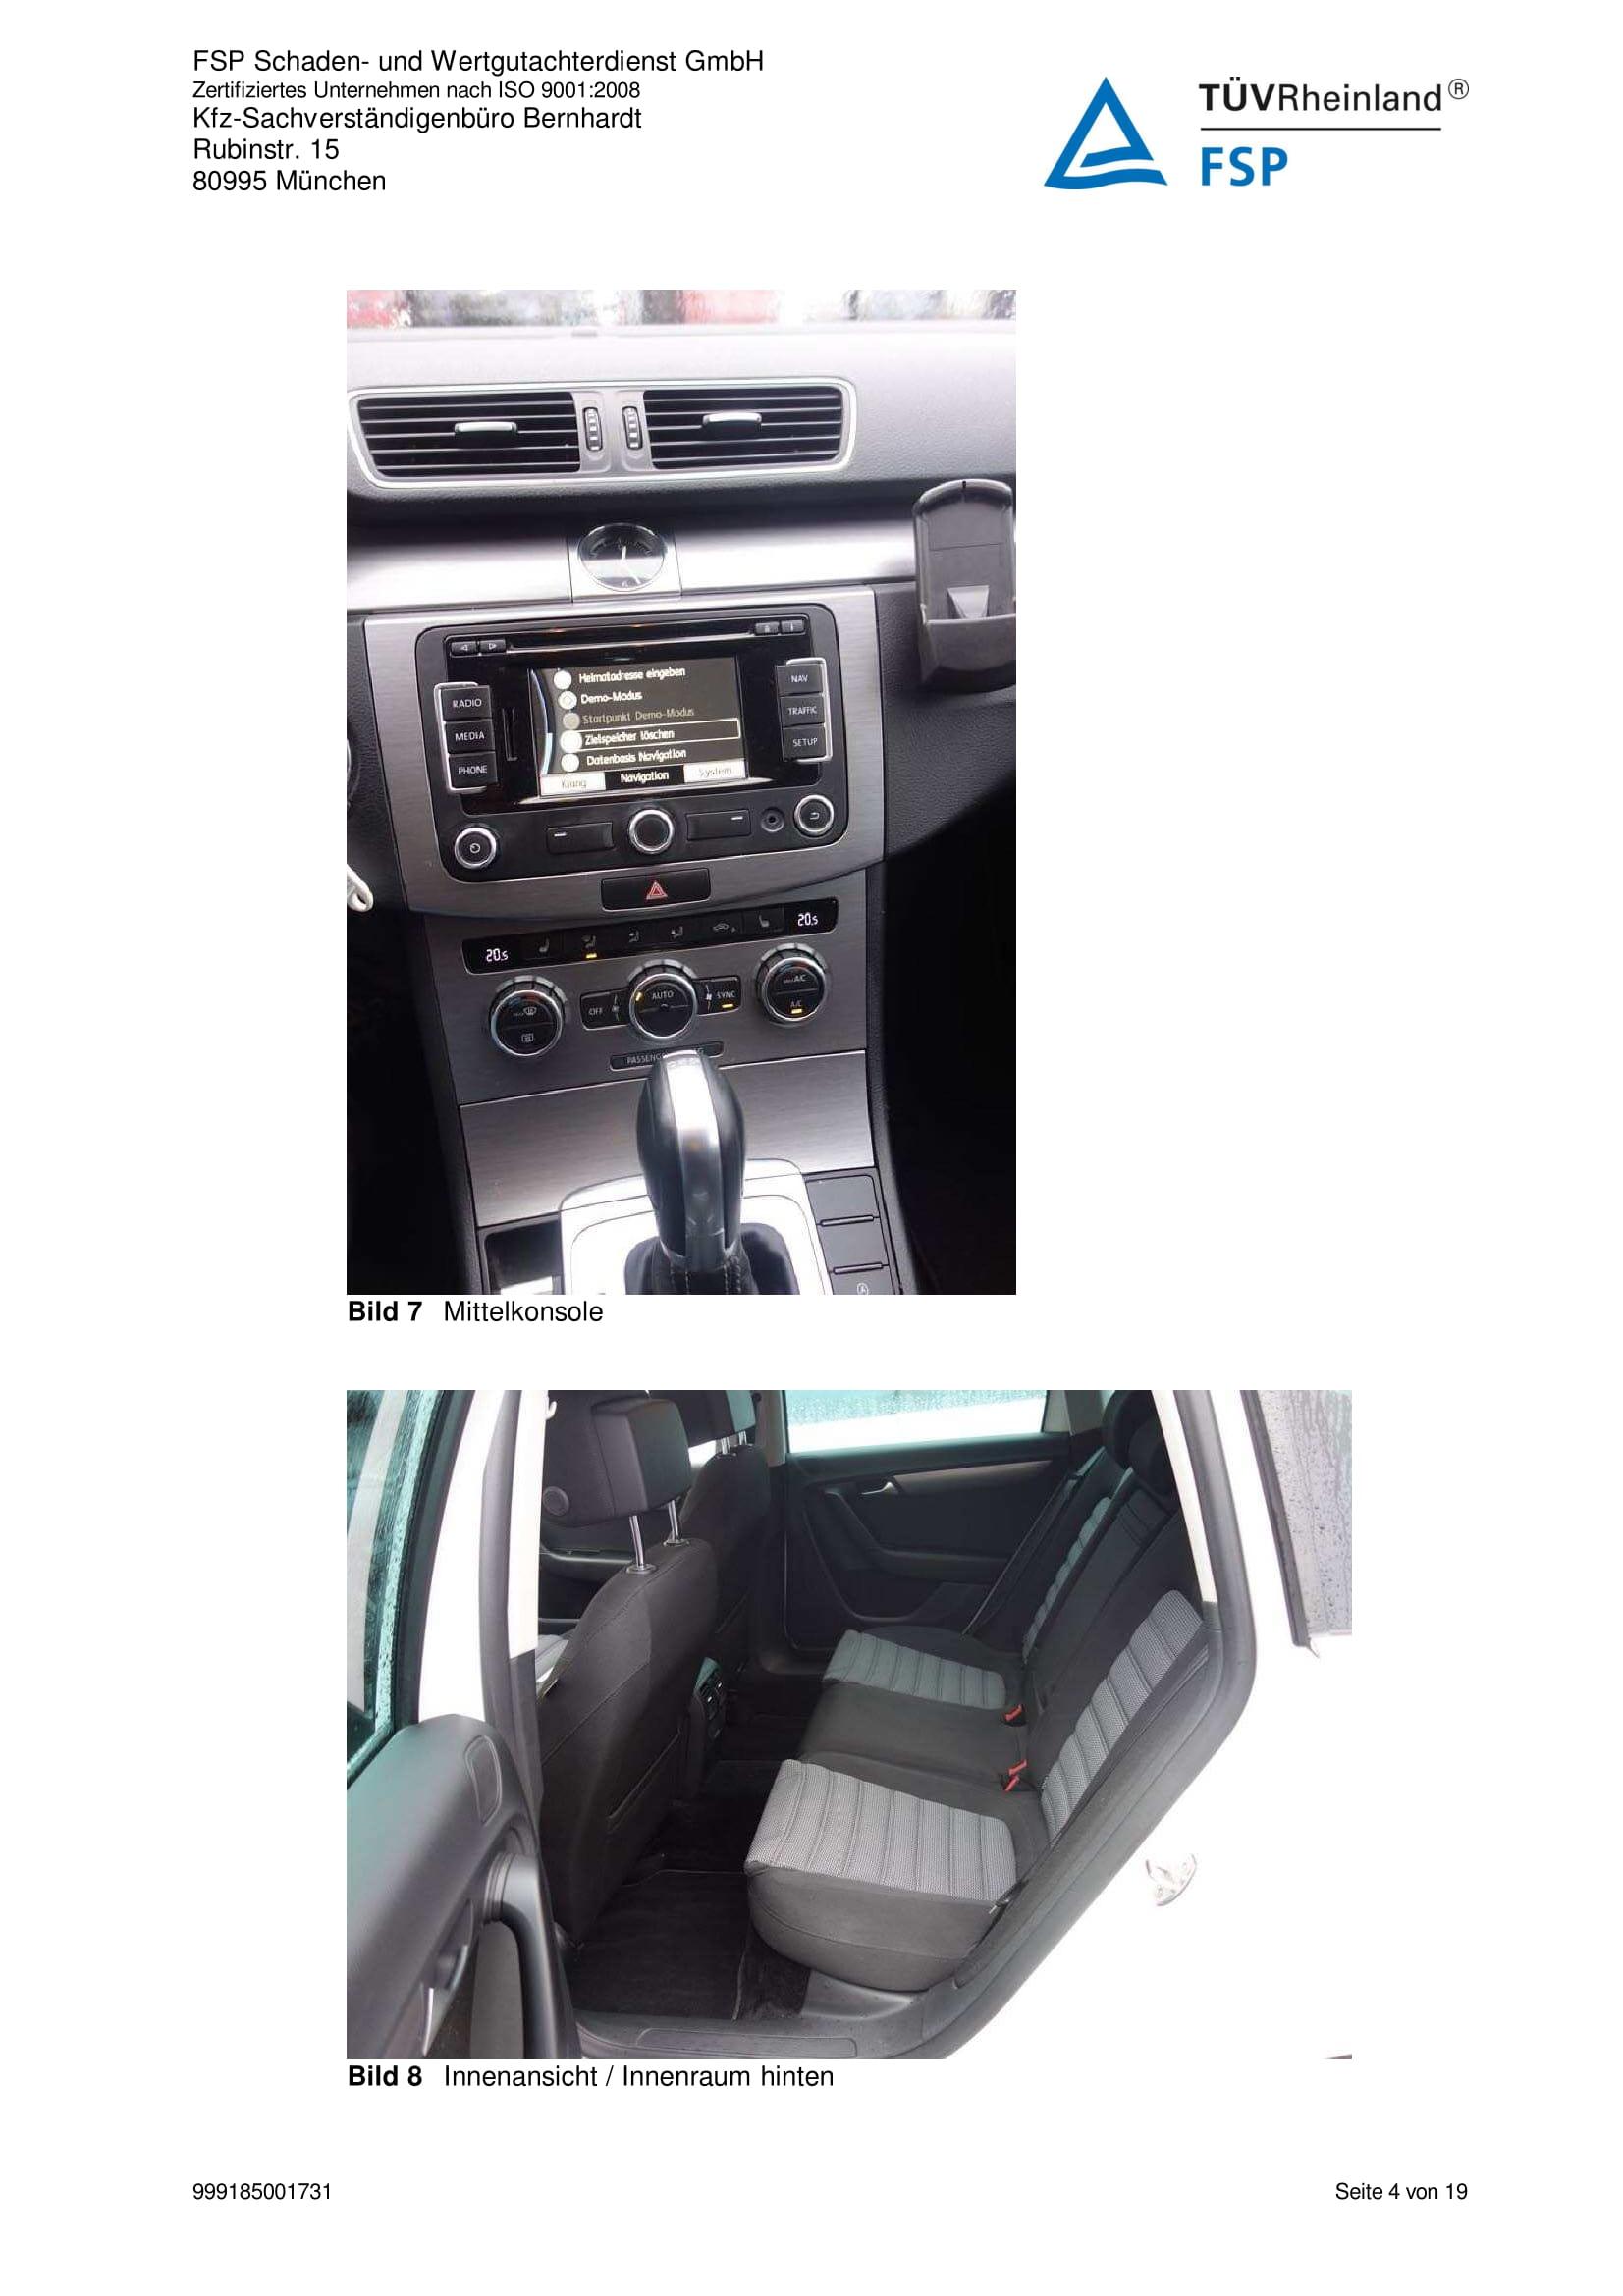 Снимки Проверка на употребяван автомобил в Германия - VW Passat Variant 2014 2.0 TDI 140 к.с. (4)